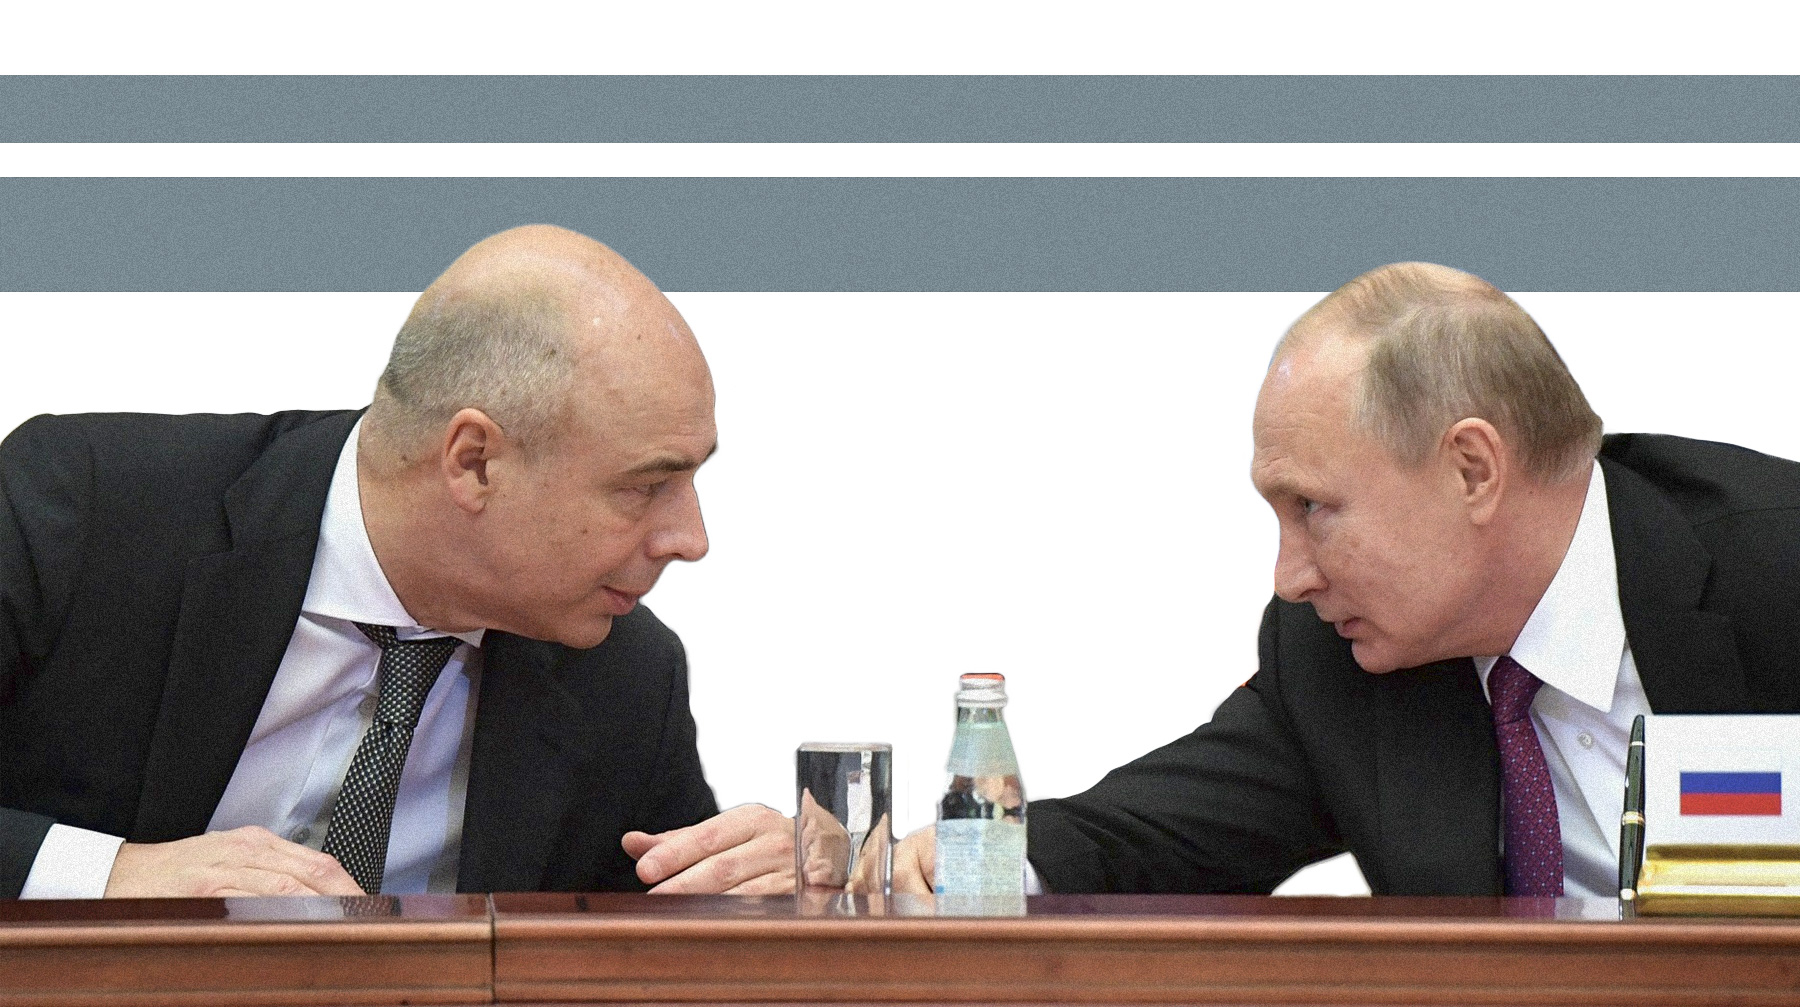 Арест Майкла Калви плохо влияет нарынок— руководитель ВТБ